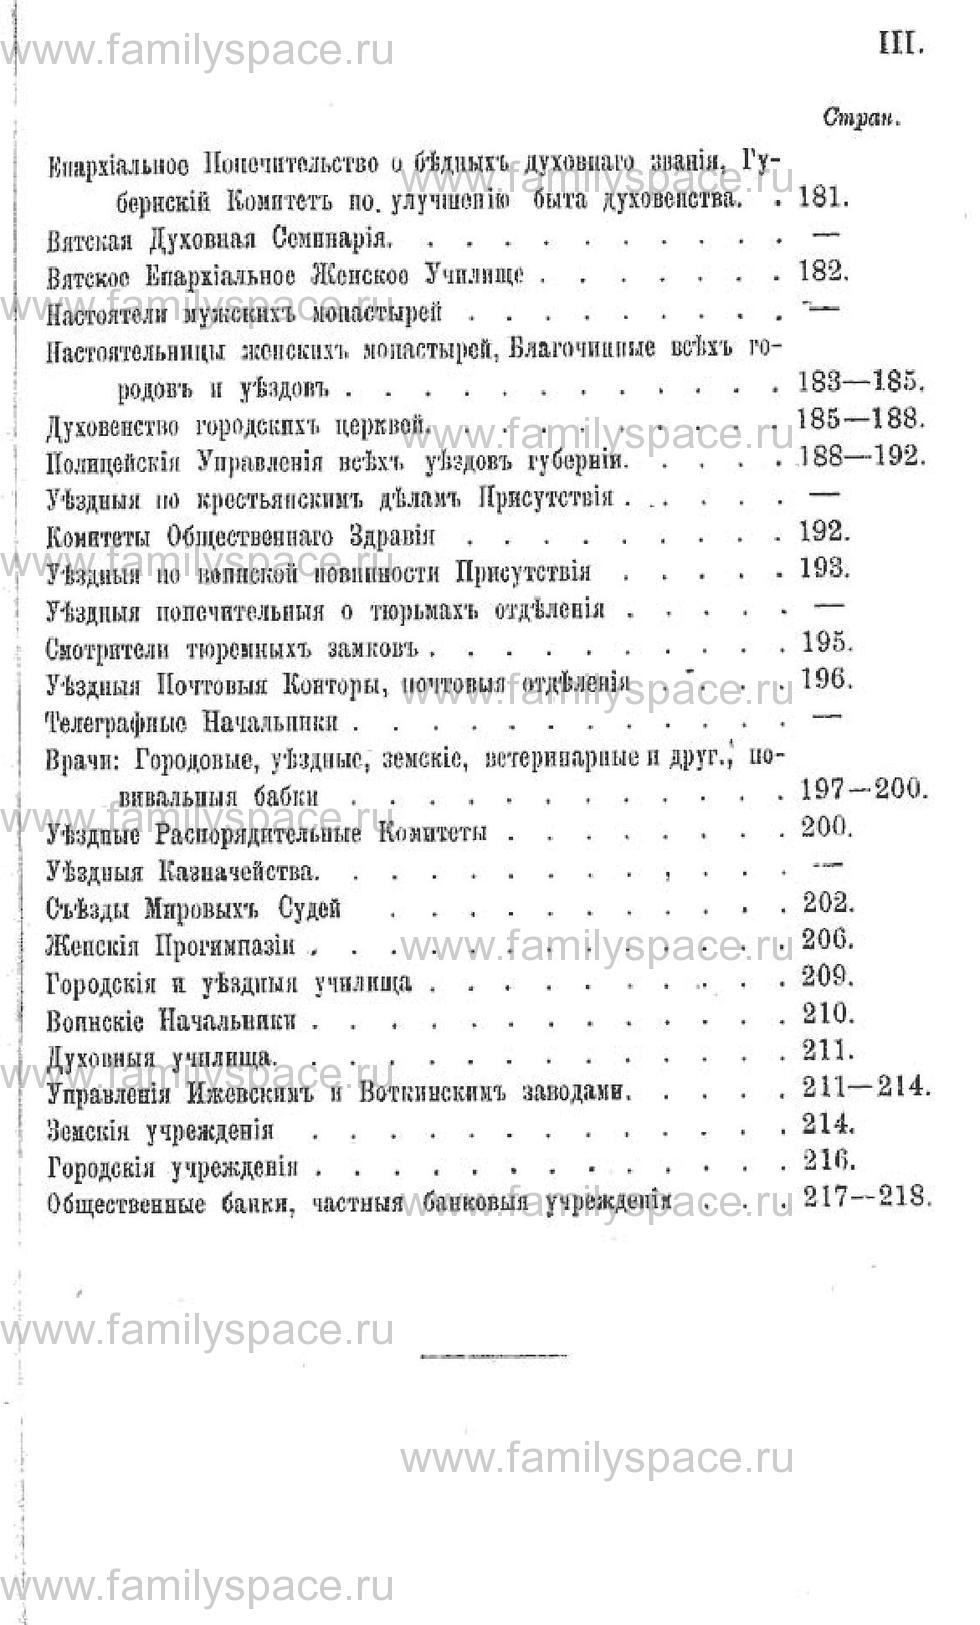 Поиск по фамилии - Календарь Вятской губернии на 1882 год, страница 224